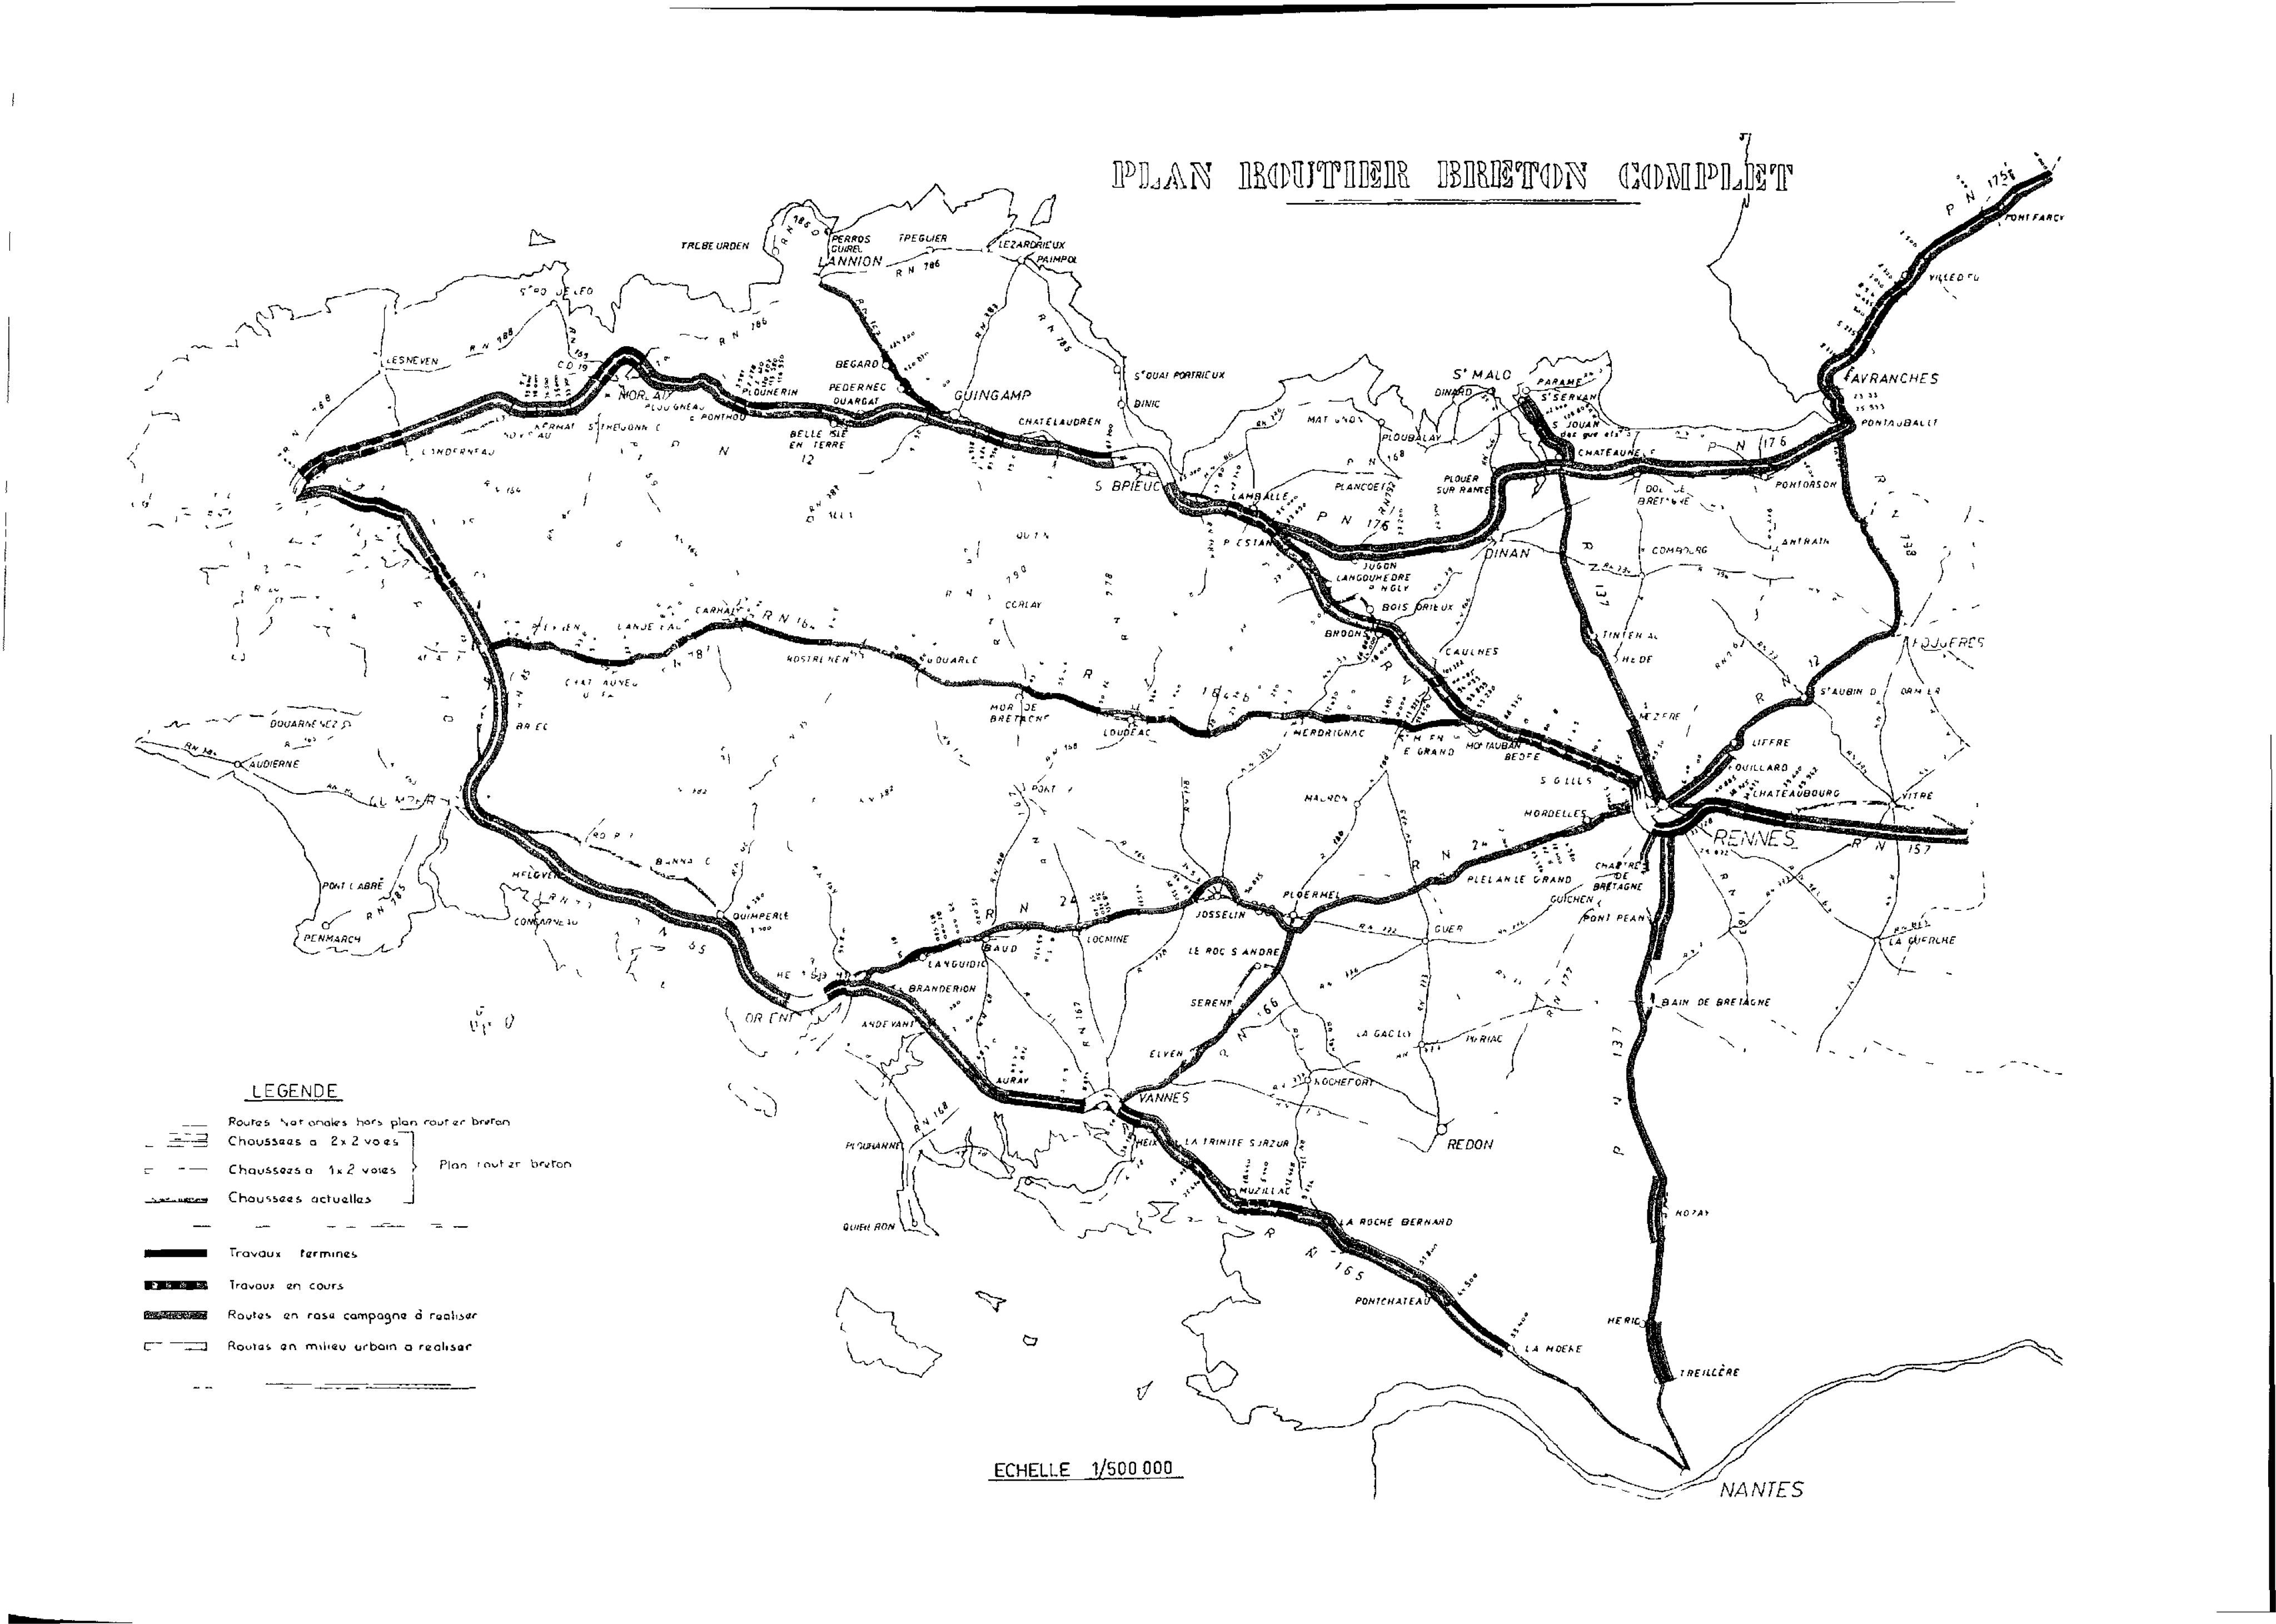 Plan routier breton